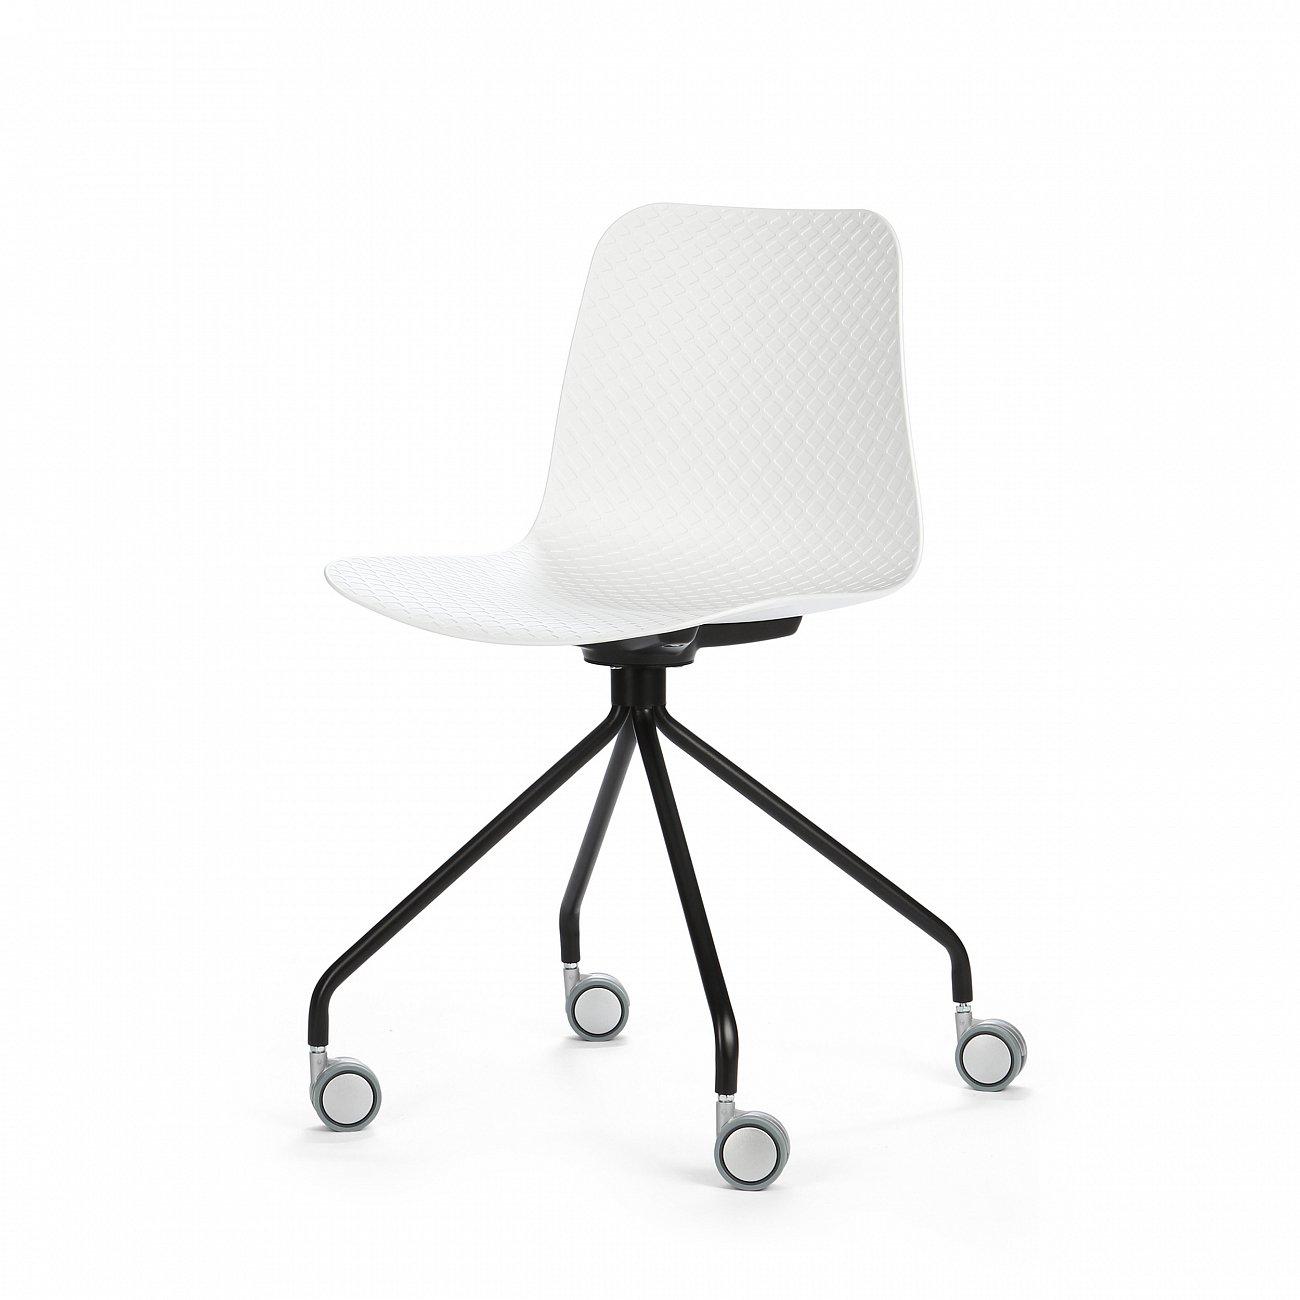 Купить Стул Glide на колесиках в интернет магазине дизайнерской мебели и аксессуаров для дома и дачи